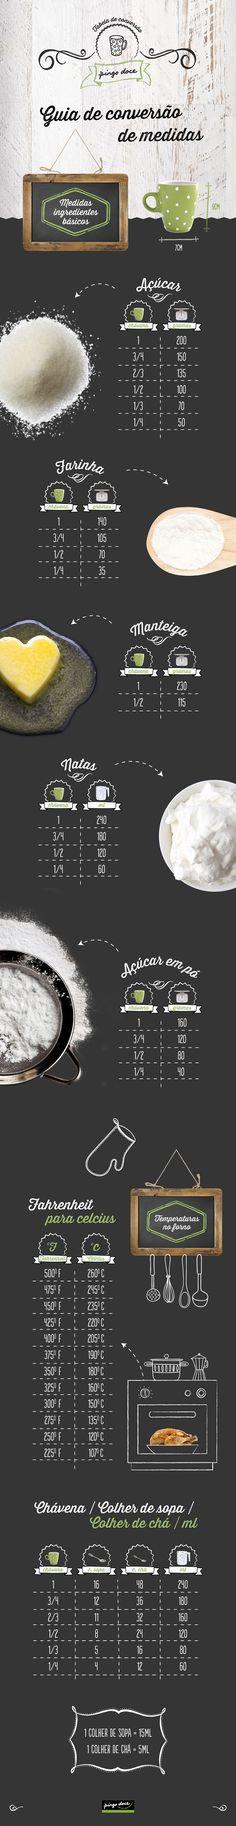 infografia tabela de conversão de medidas: de chávenas para gramas, chávenas para mililitros...